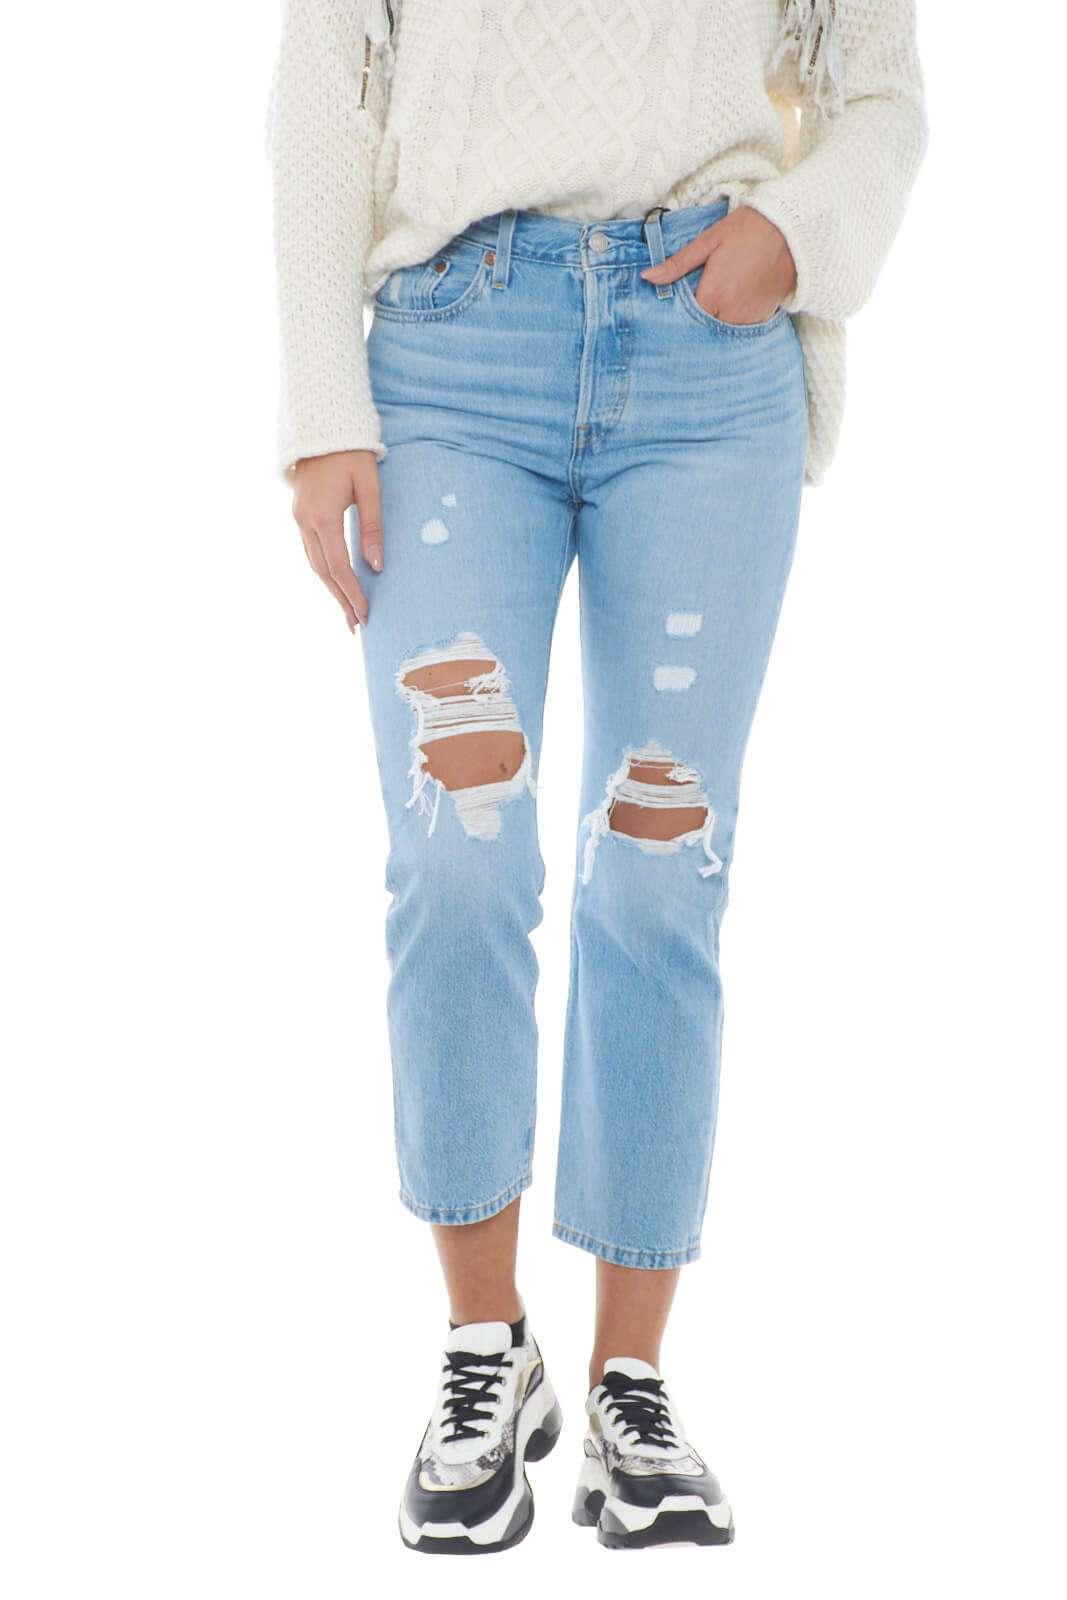 Un jeans moderno, e dal look urban il modello 501 firmato Levi's. Il taglio cropped e gli strappi lo rendono iconico e alla moda, al passo con tutte le tendenze del momento. Adatto ad ogni tipo di abbinamento, per outfit sempre in movimento.  La modella è alta 1,78m e indossa la taglia 28.